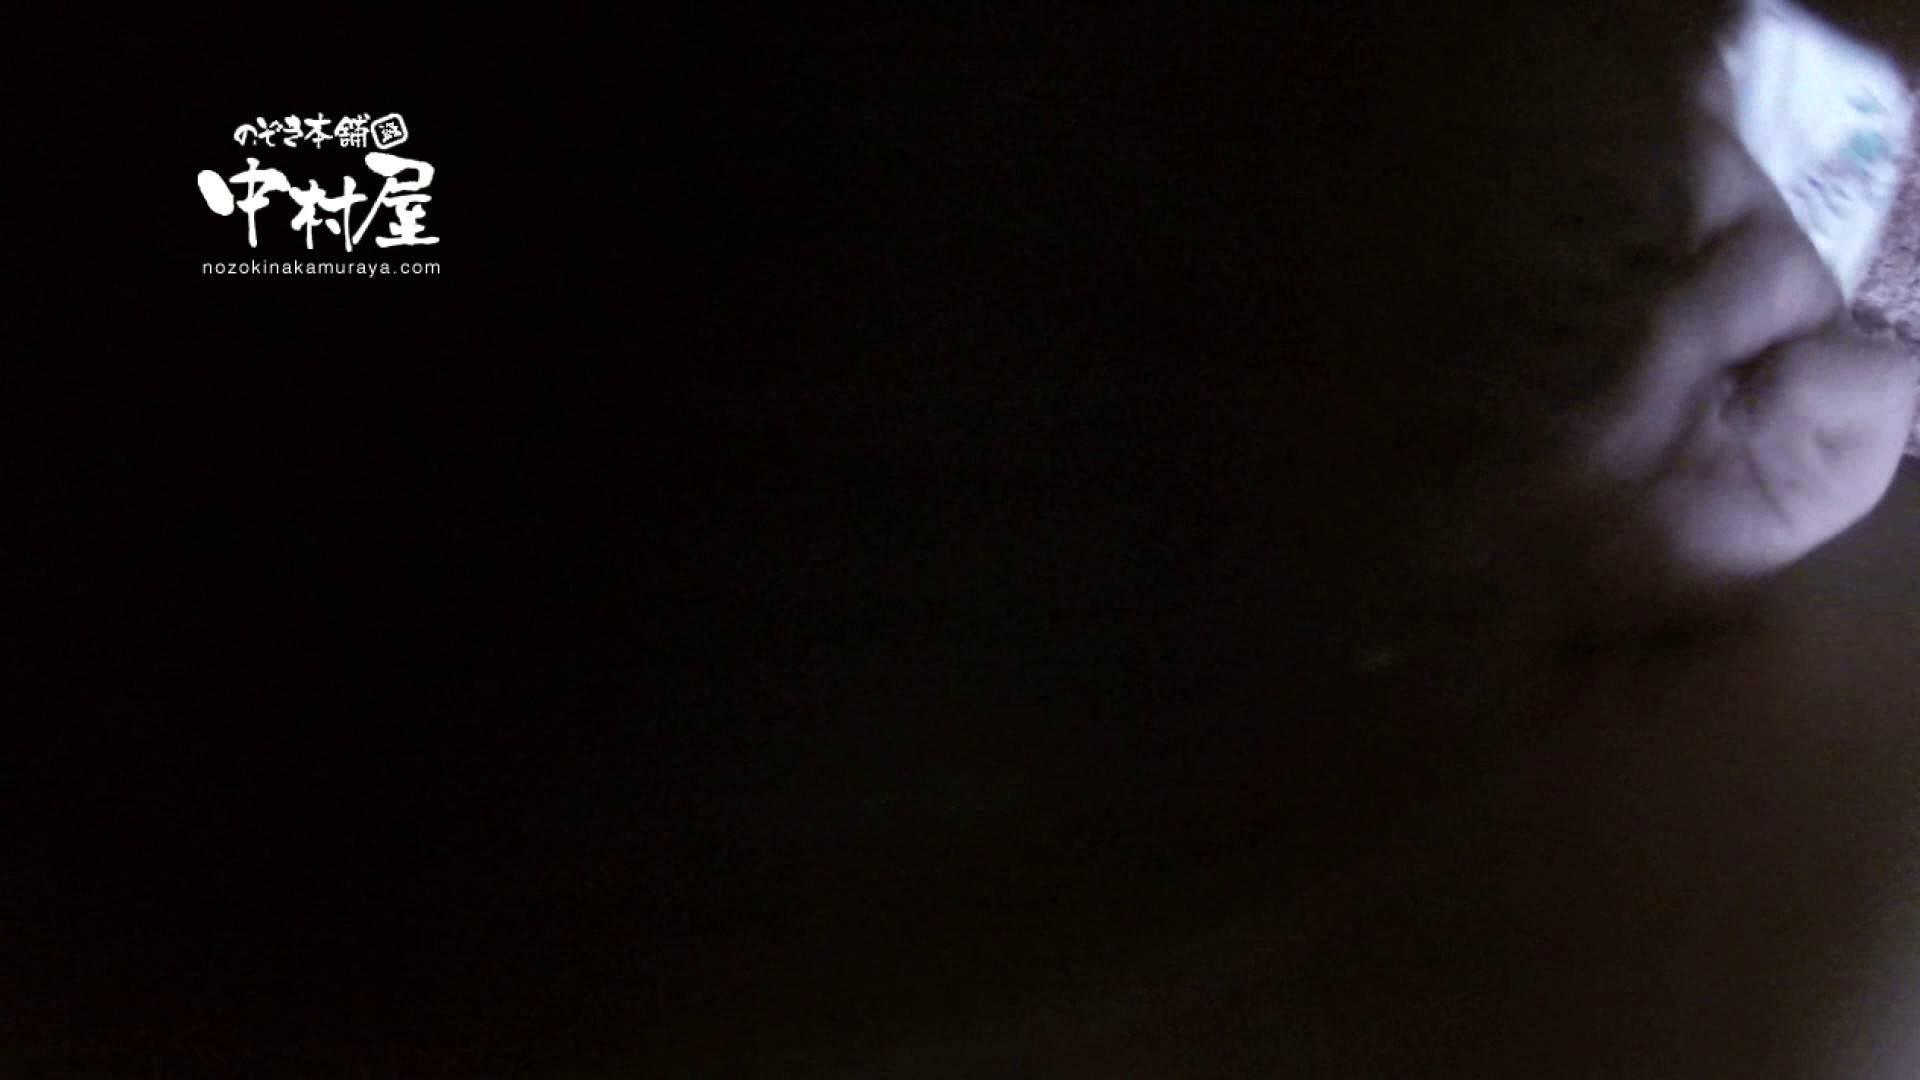 鬼畜 vol.10 あぁ無情…中出しパイパン! 前編 エッチなセックス 盗み撮り動画 107画像 28